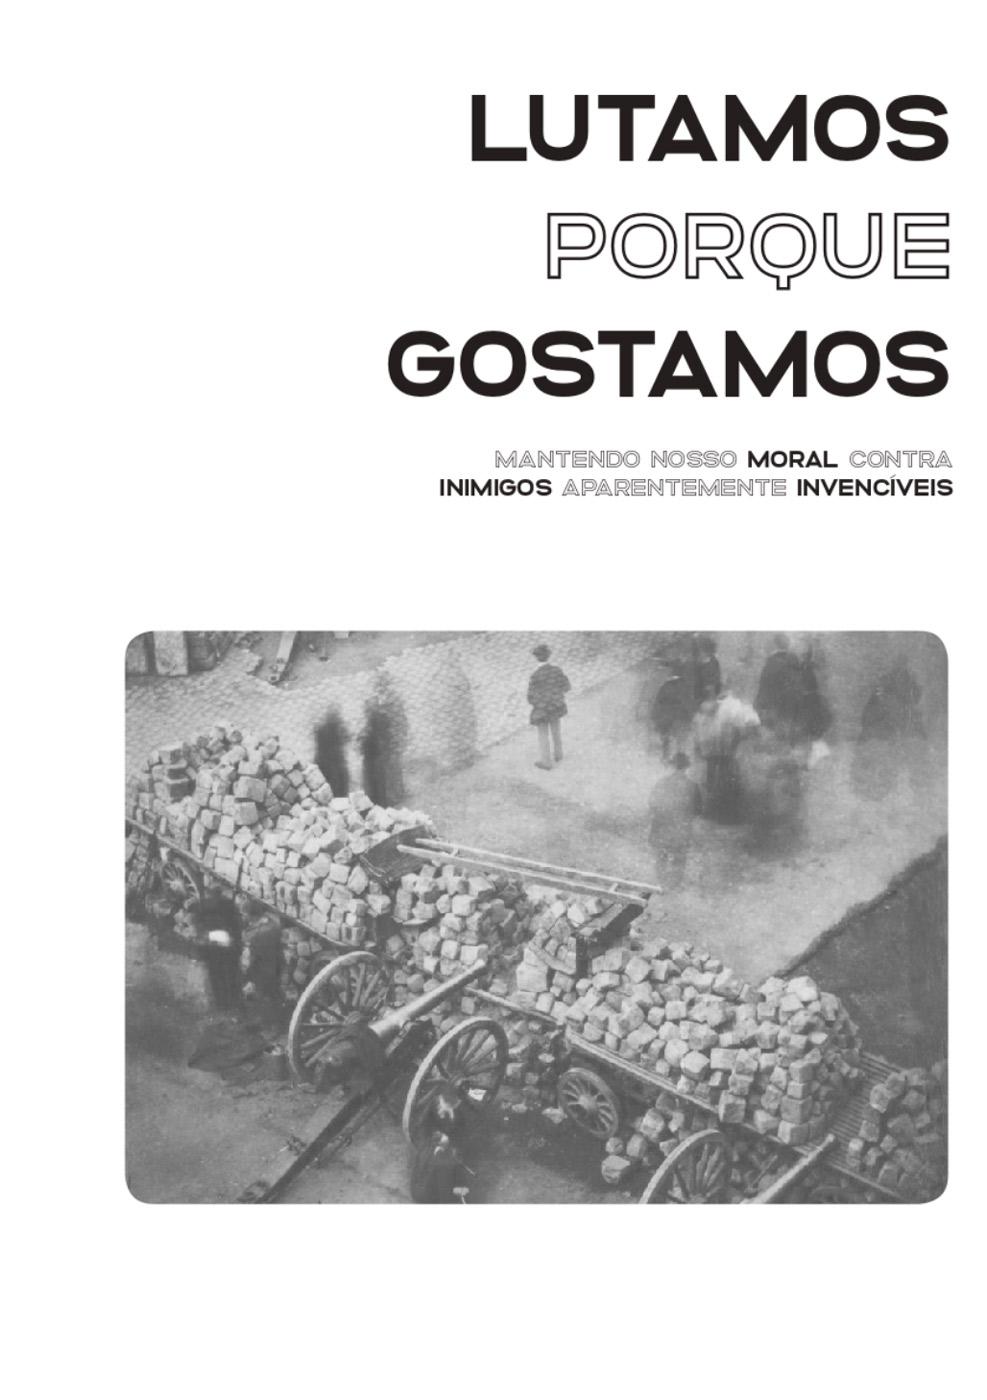 Photo of 'Lutamos porque gostamos' front cover